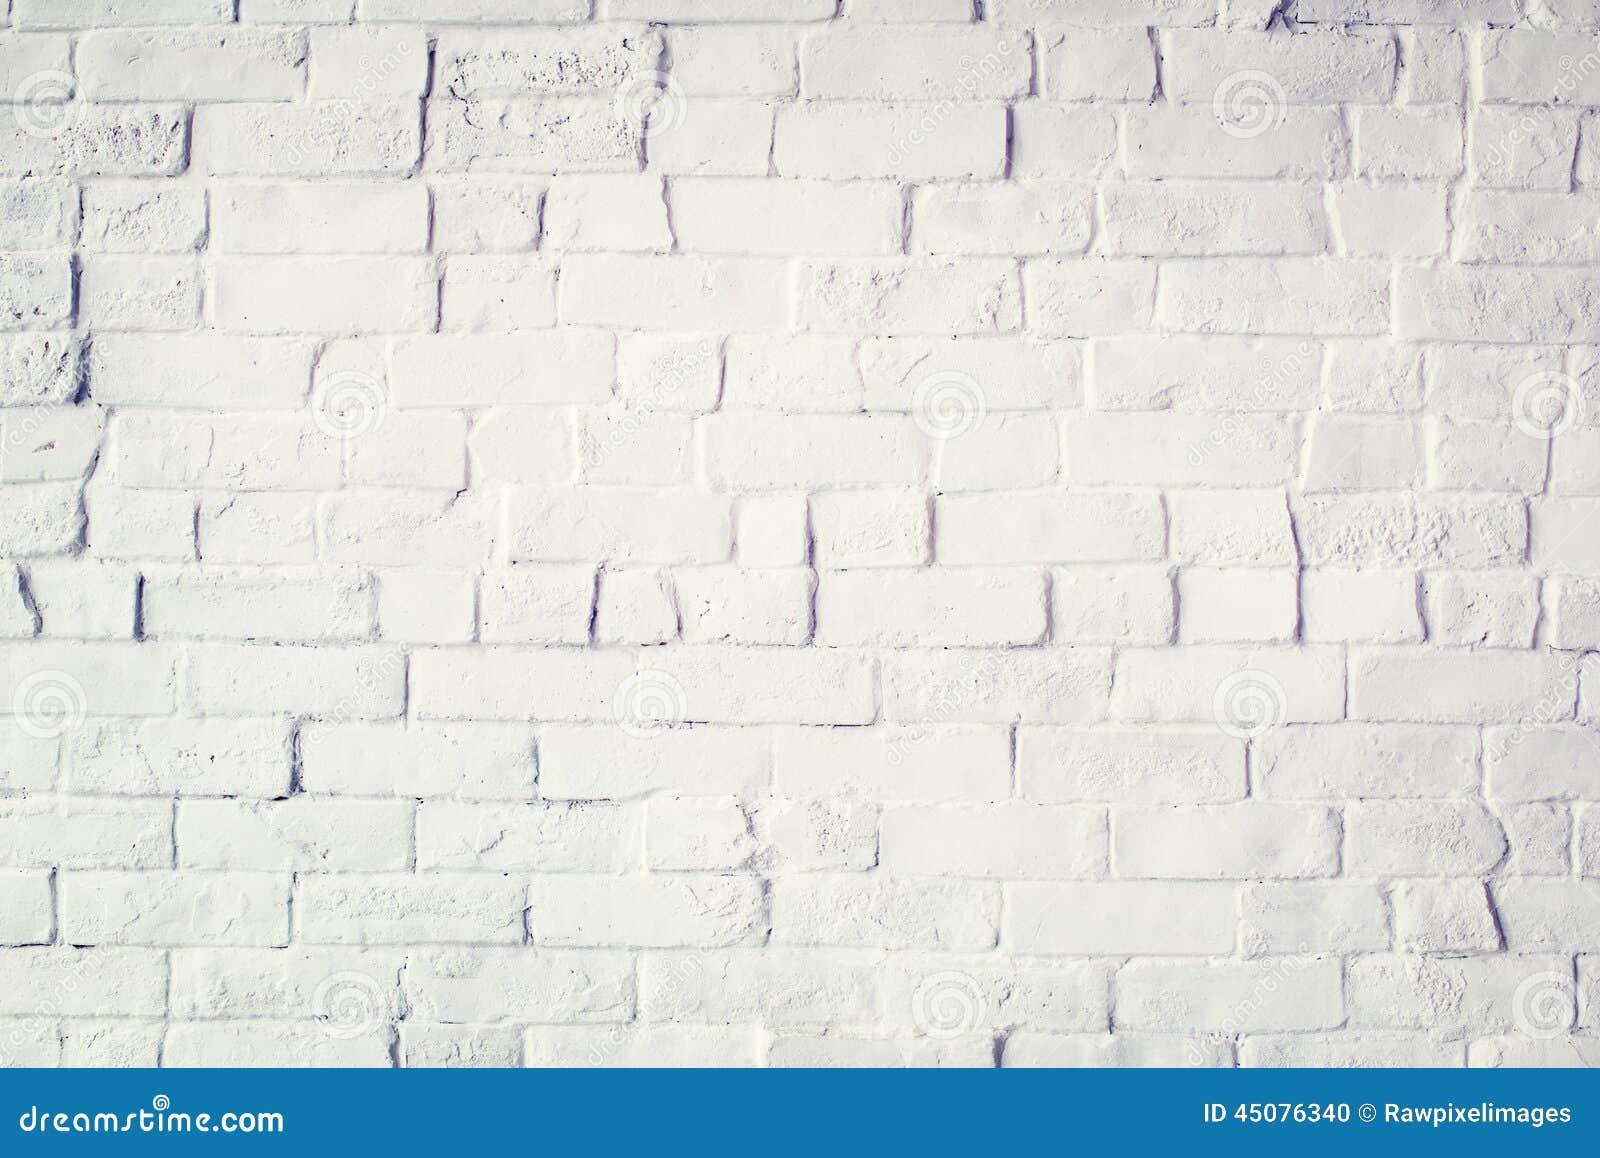 White Painted Beautiful Brick Wall Stock Photo Image